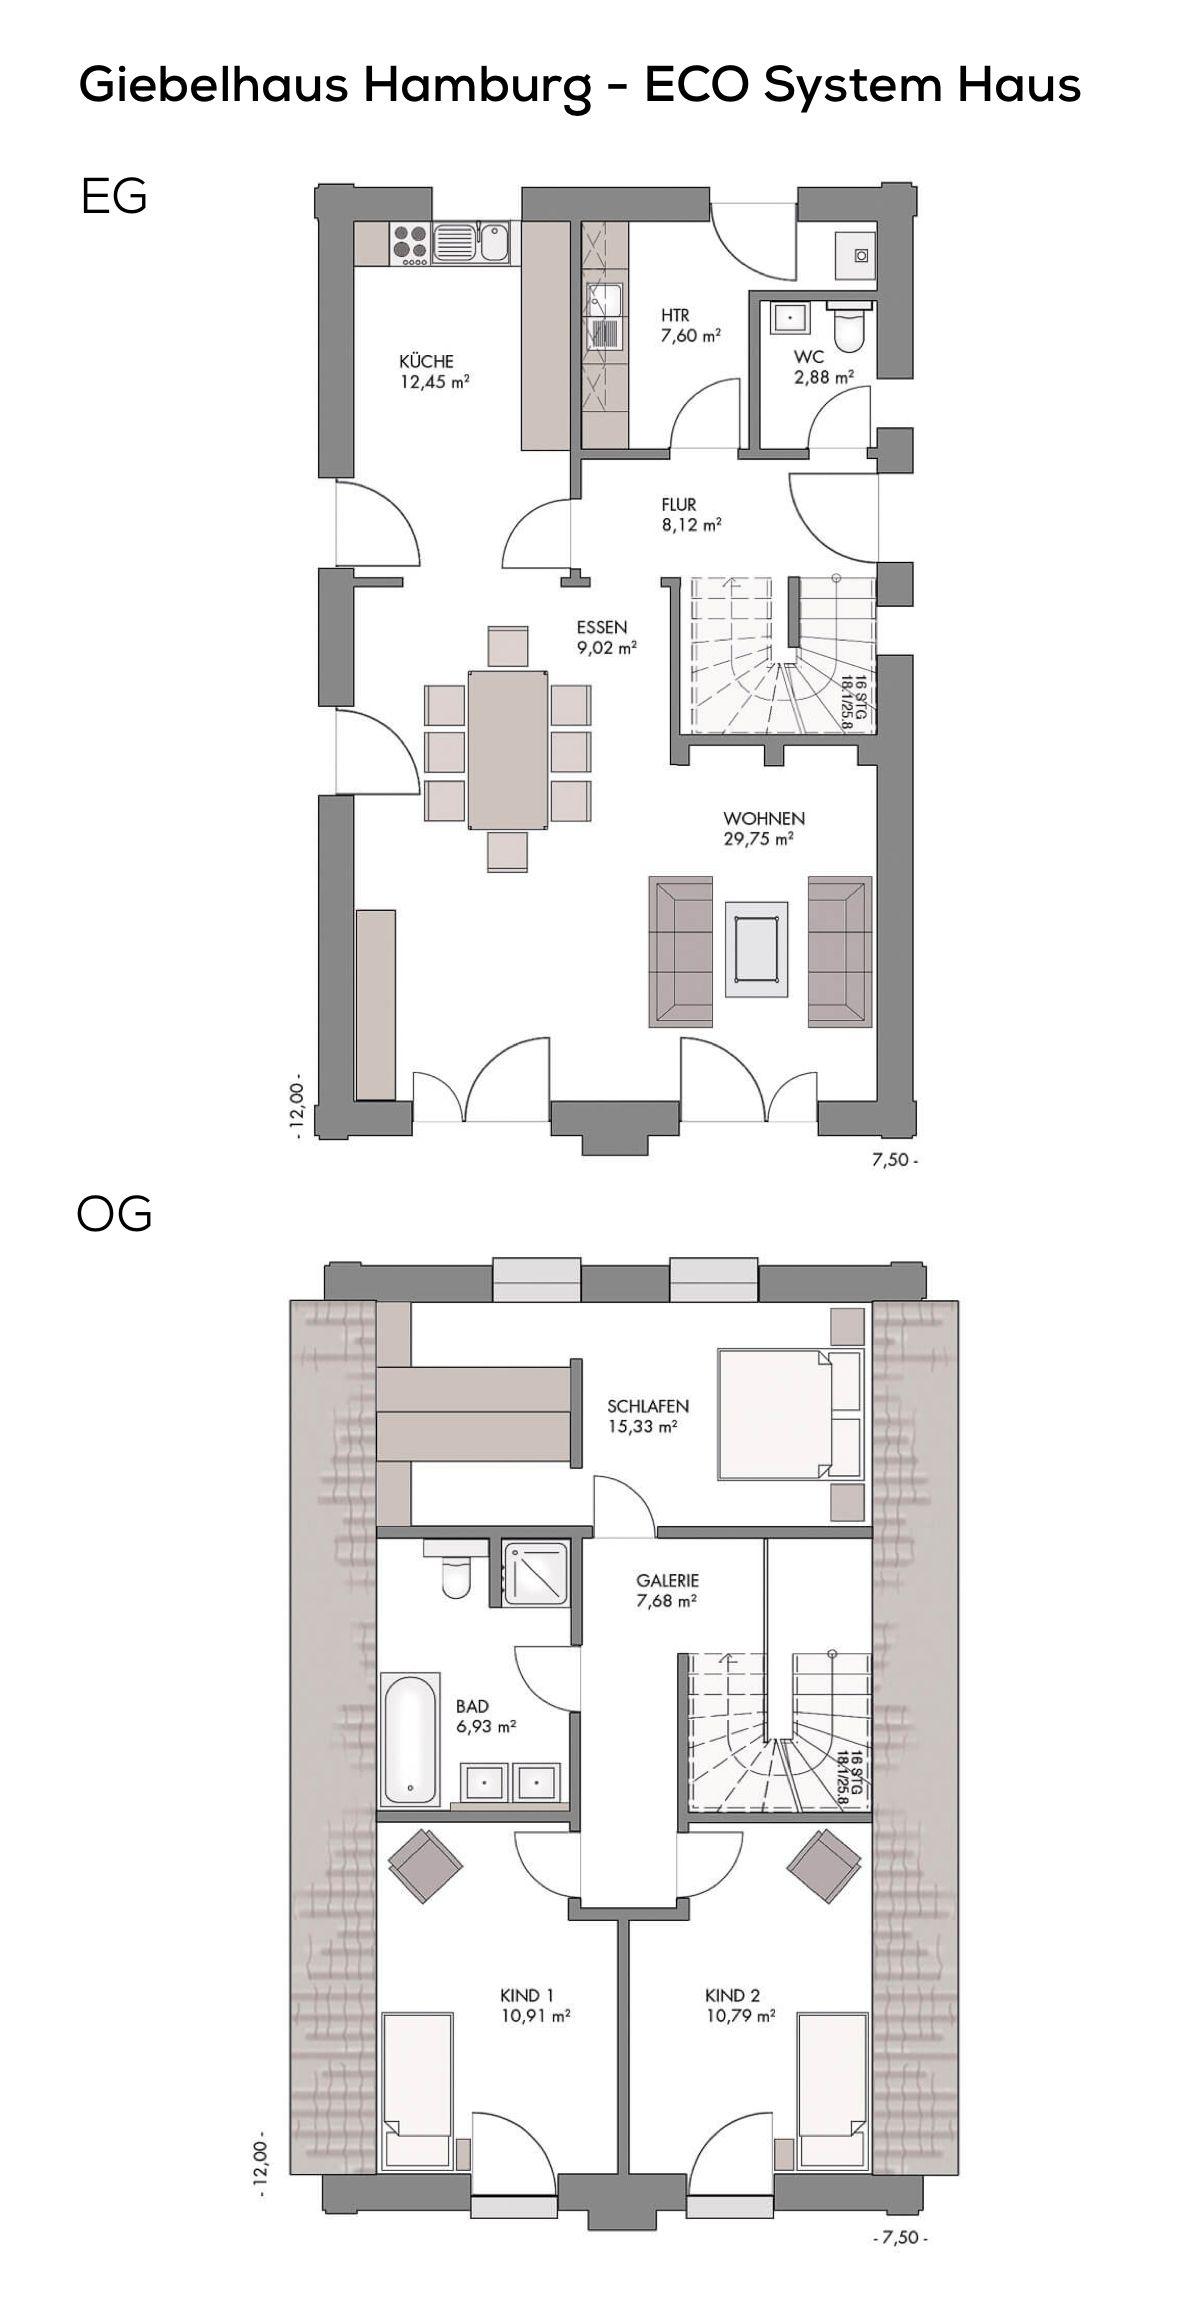 grundriss einfamilienhaus schmal als landhaus mit satteldach architektur 4 zimmer 124 qm wfl. Black Bedroom Furniture Sets. Home Design Ideas